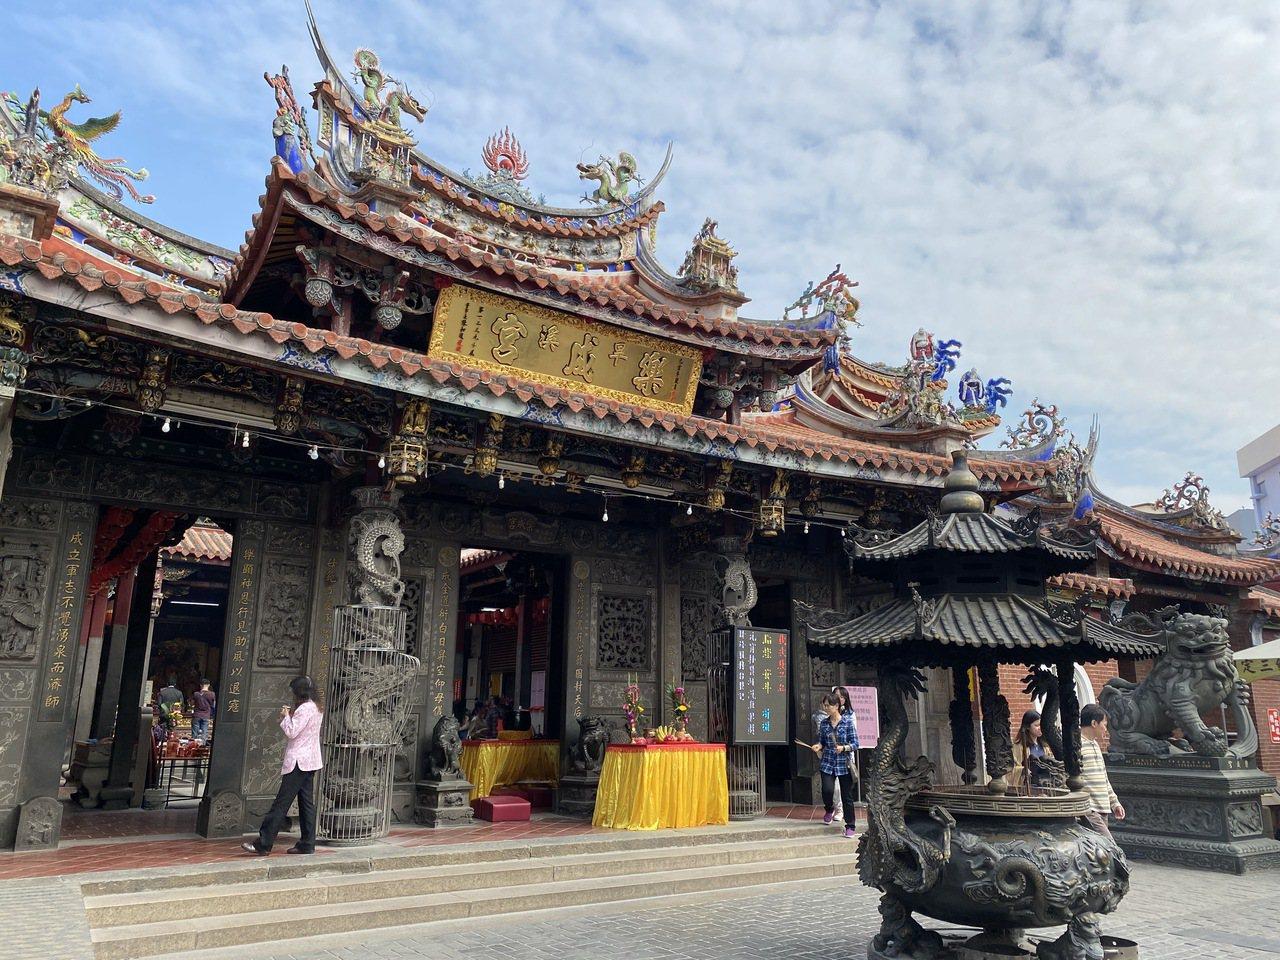 有兩百年歷史的樂成宮,建築之美聞名,前殿屋頂為重簷歇山式,兩百年的香爐,神桌雕工...